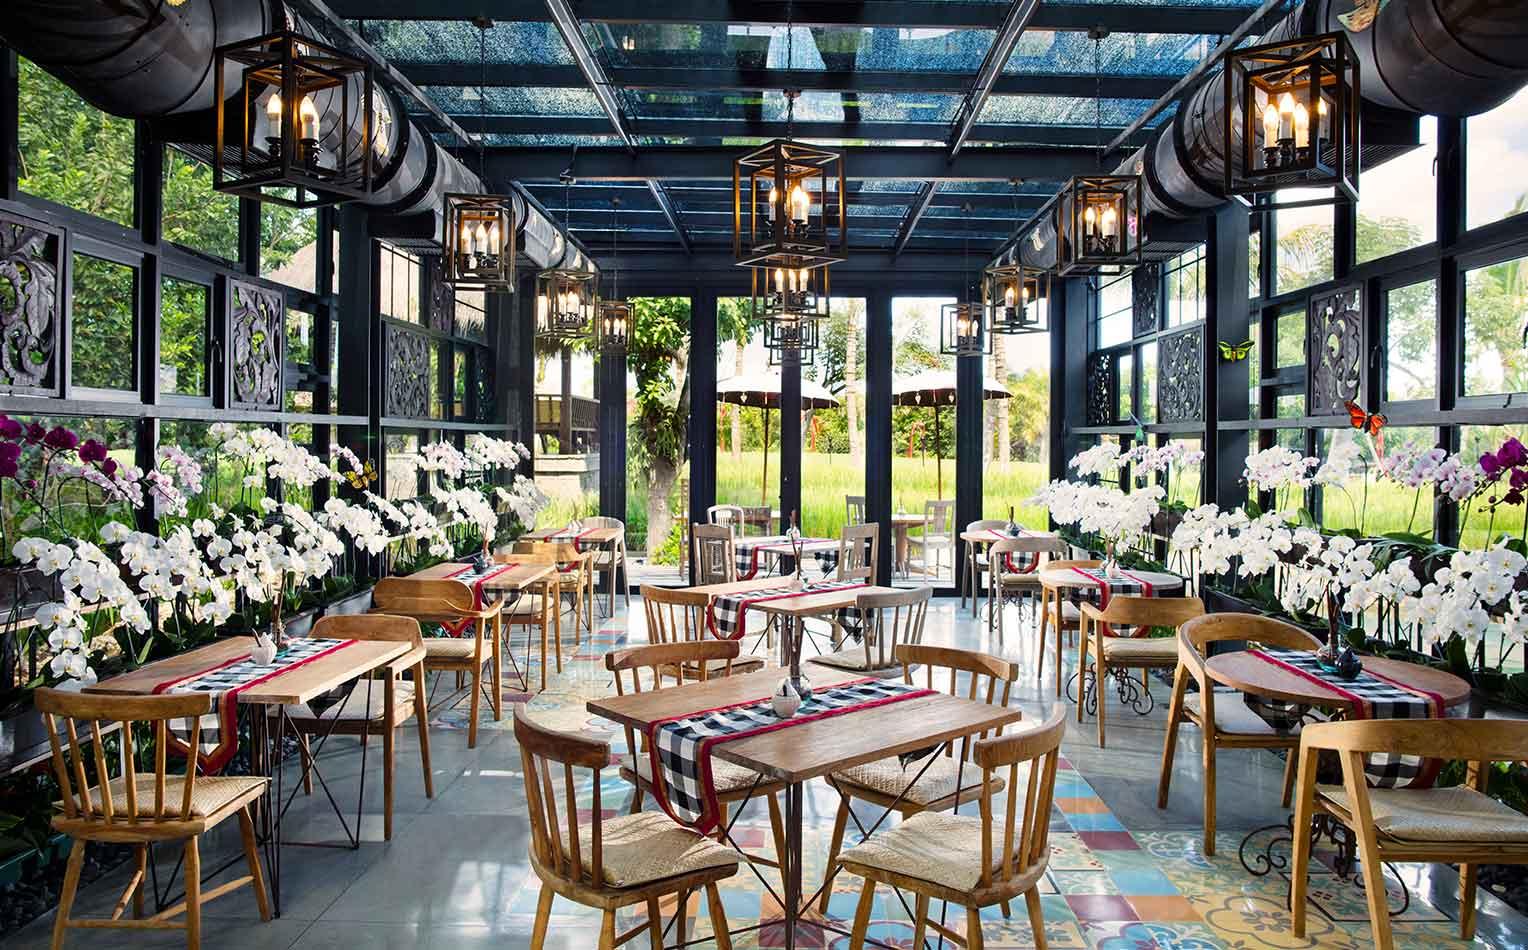 อายานา รีสอร์ต แอนด์ สปา (AYANA Resort and Spa)